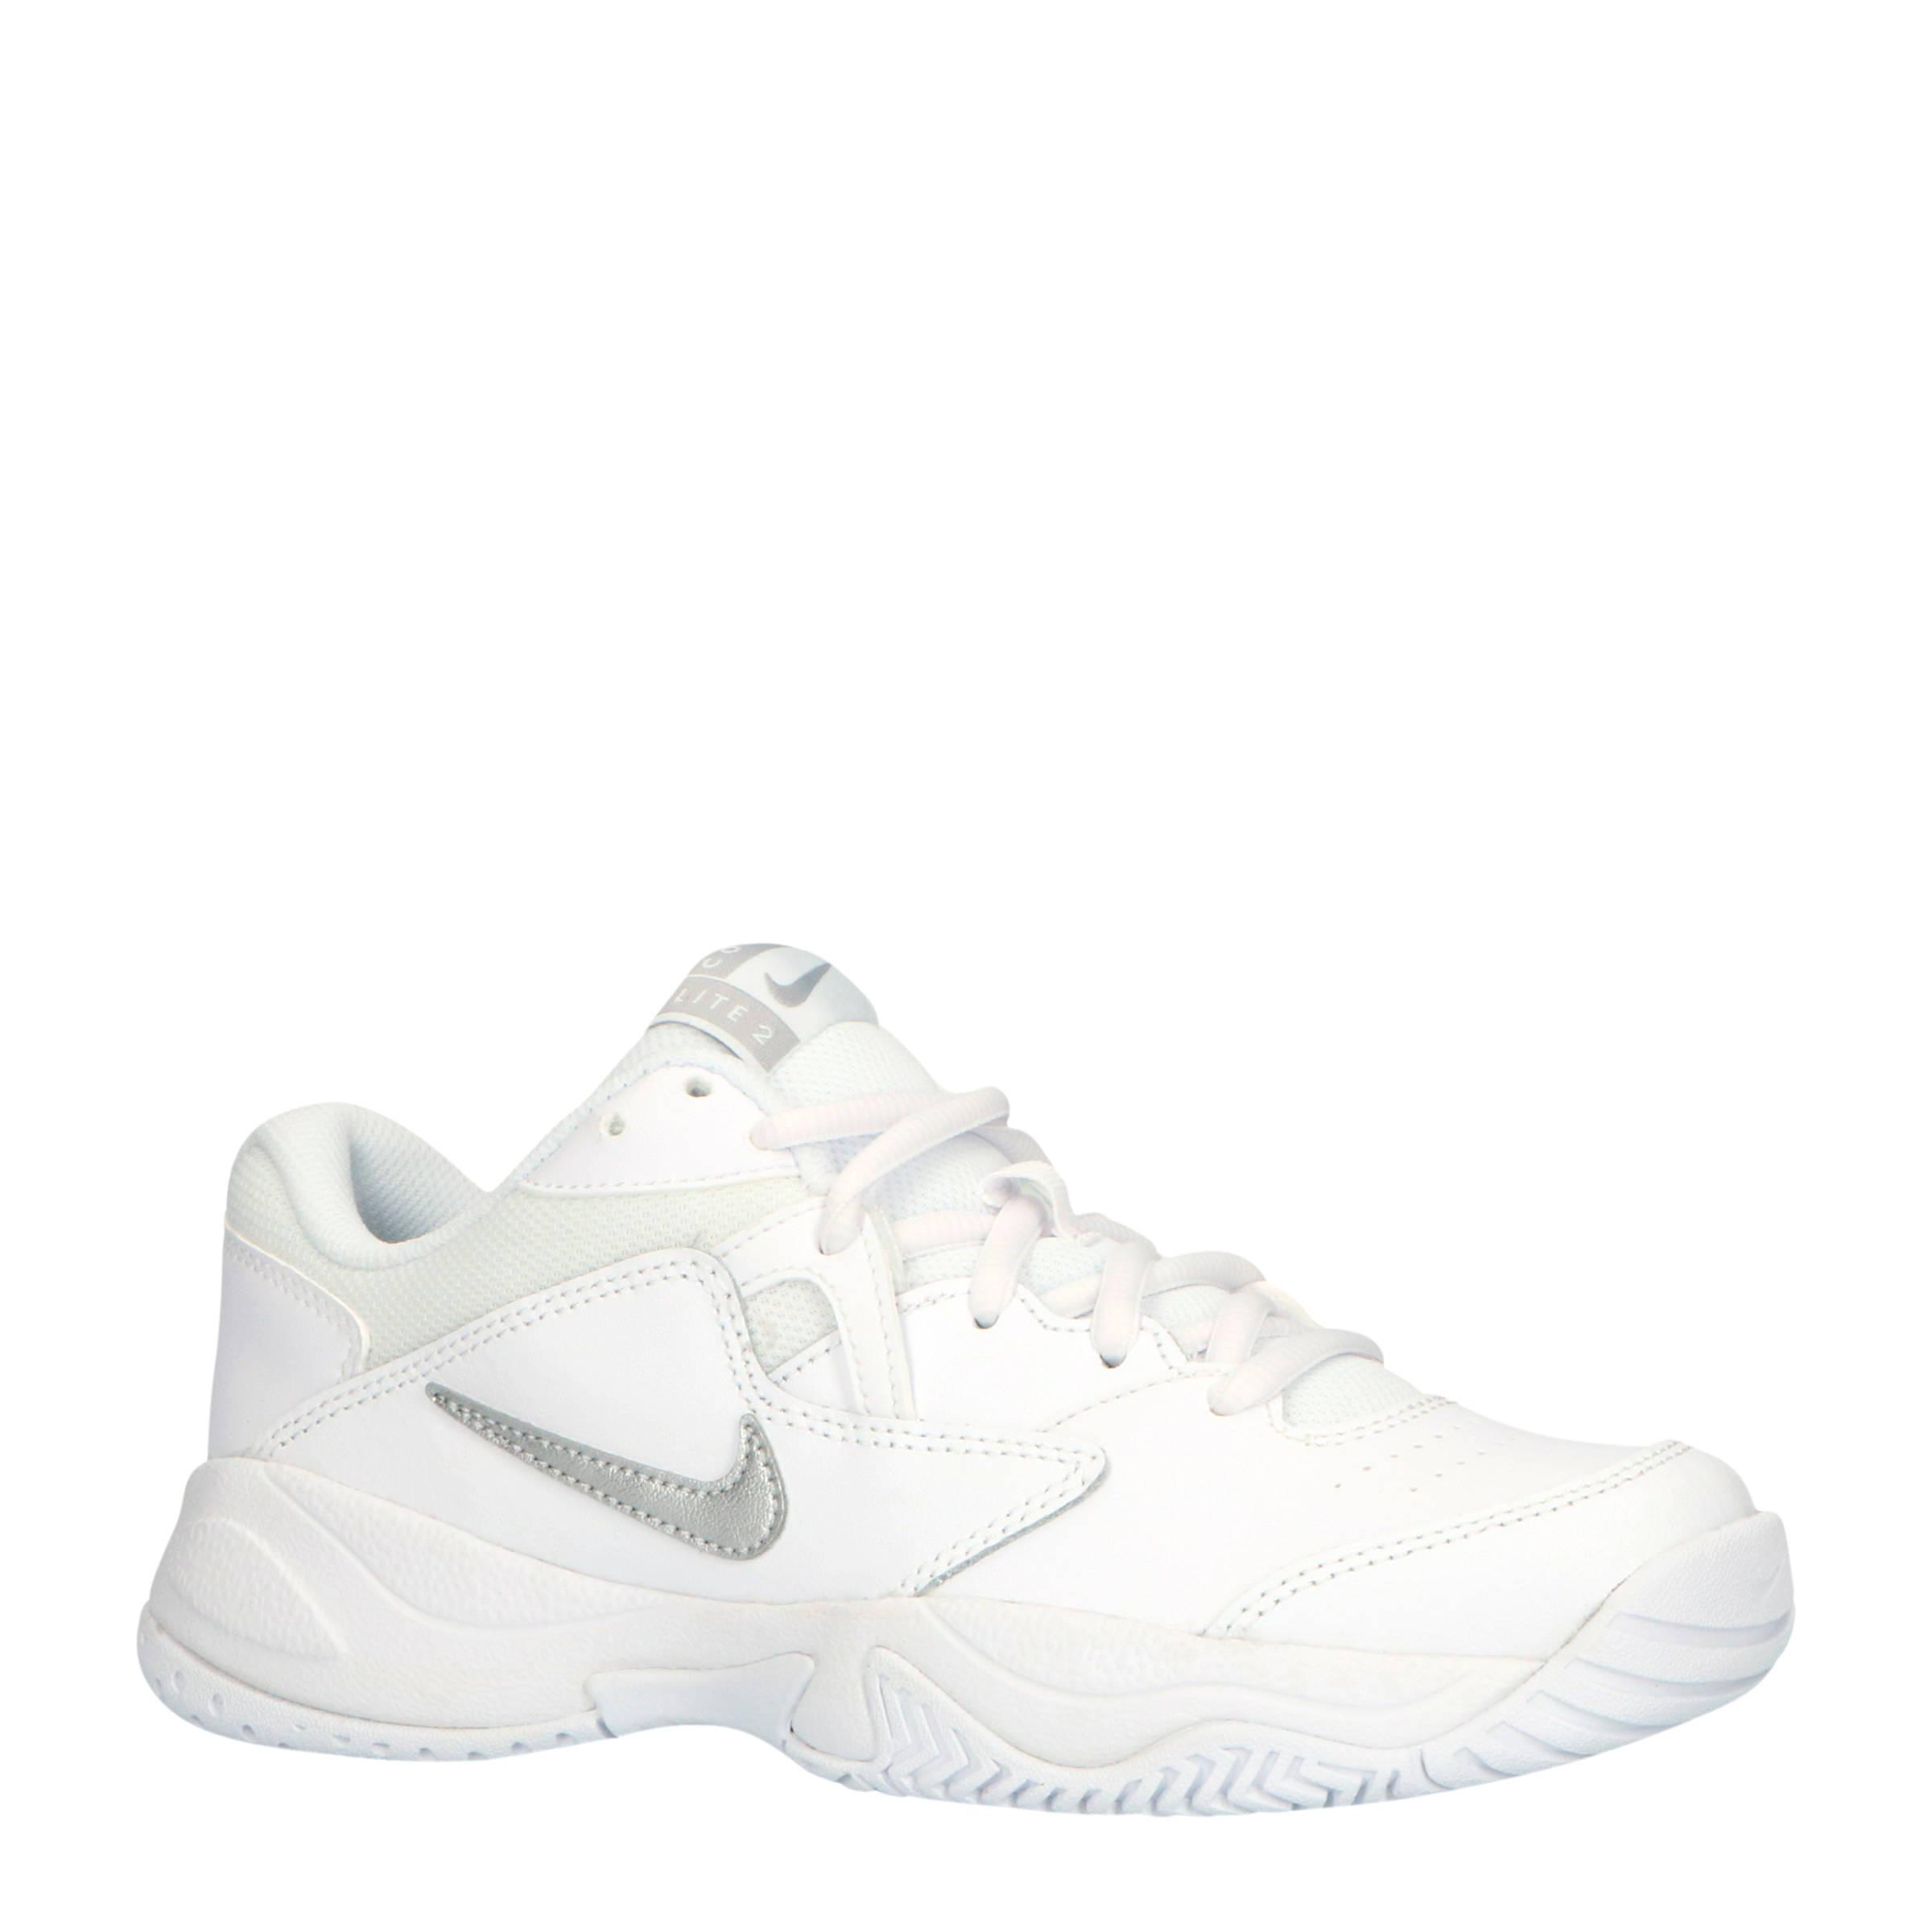 Nike Court Lite 2 Hardcourt tennisschoen voor dames Wit online kopen